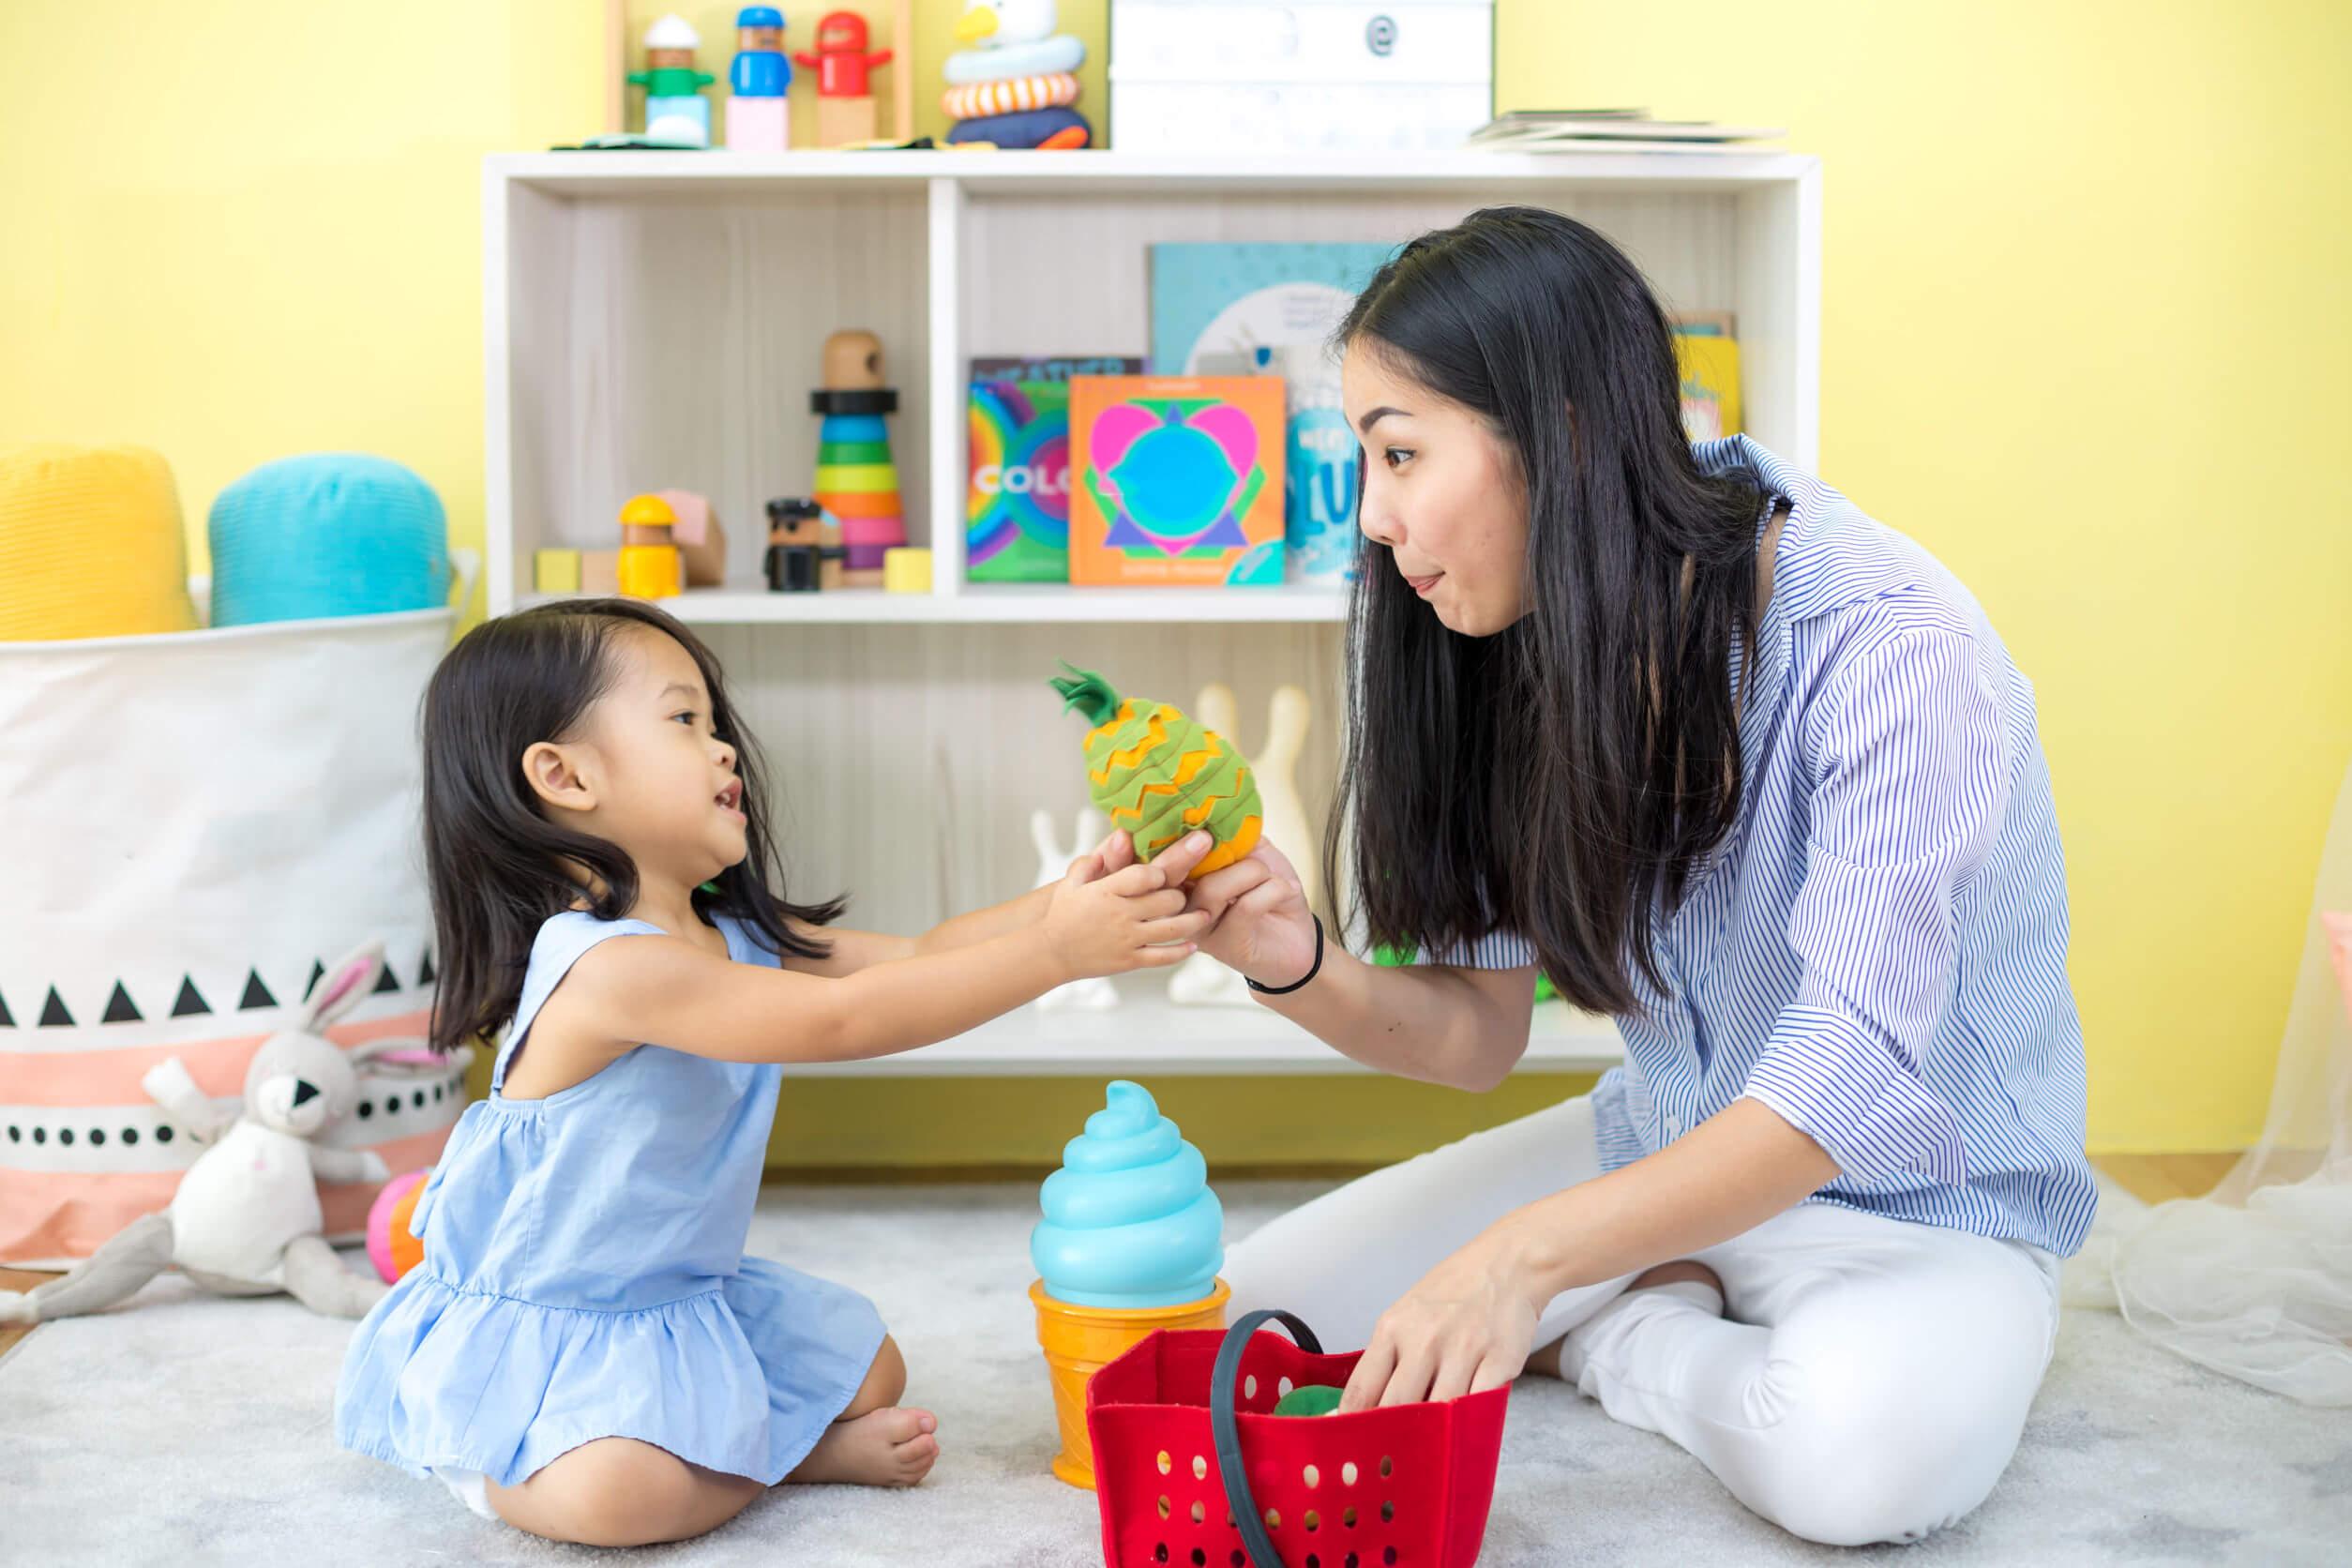 Madre jugando con su hija para su estimular el lenguaje en casa.